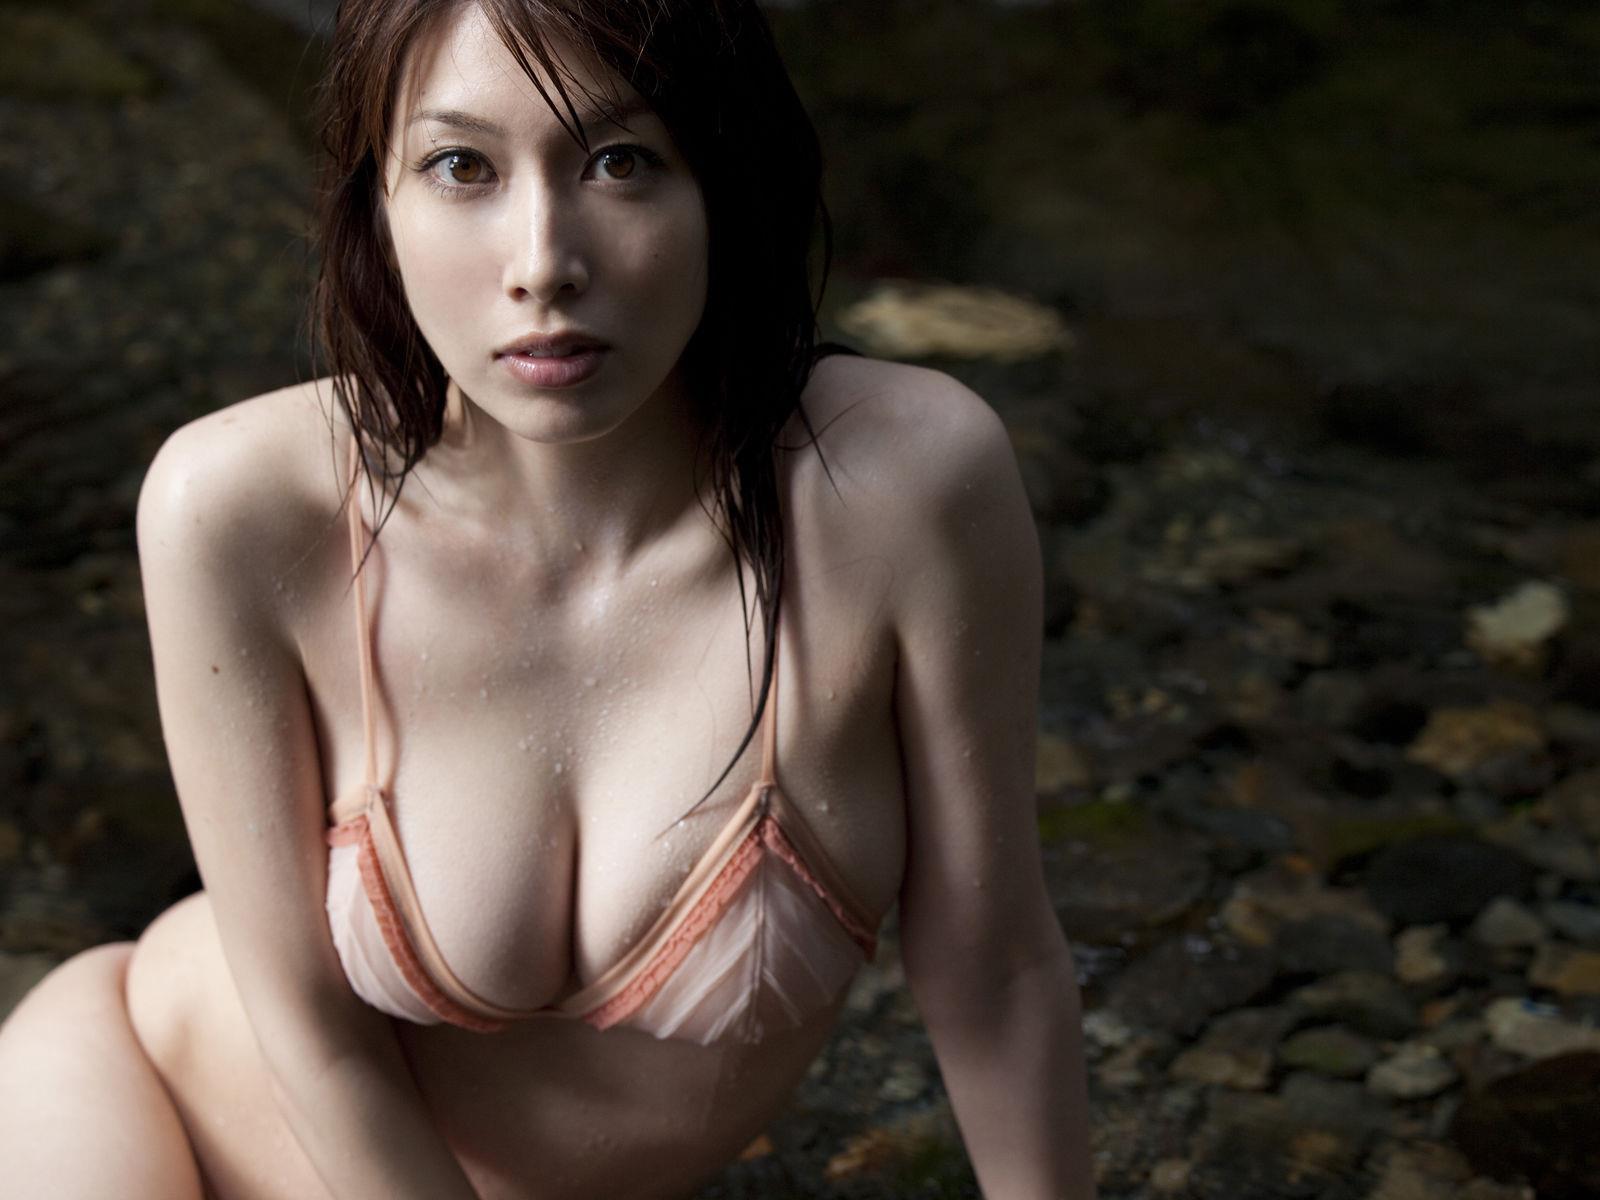 小林恵美 セミヌード画像 37